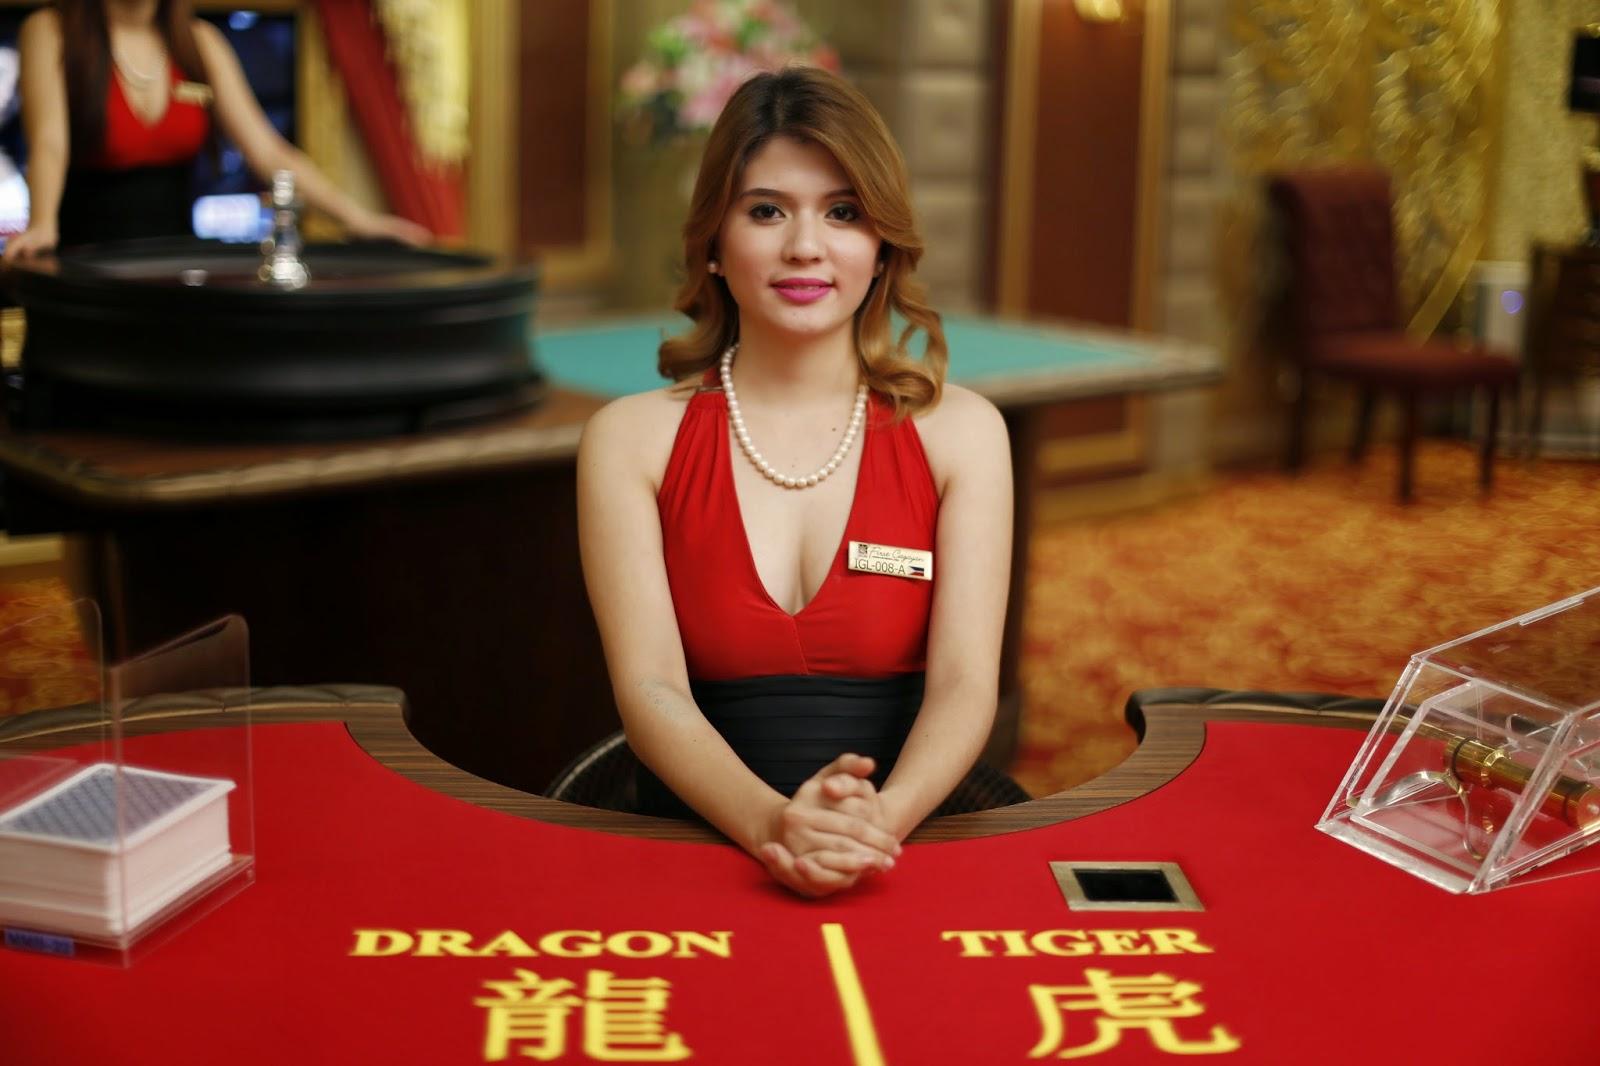 http://m11sbo.com/ag-casino